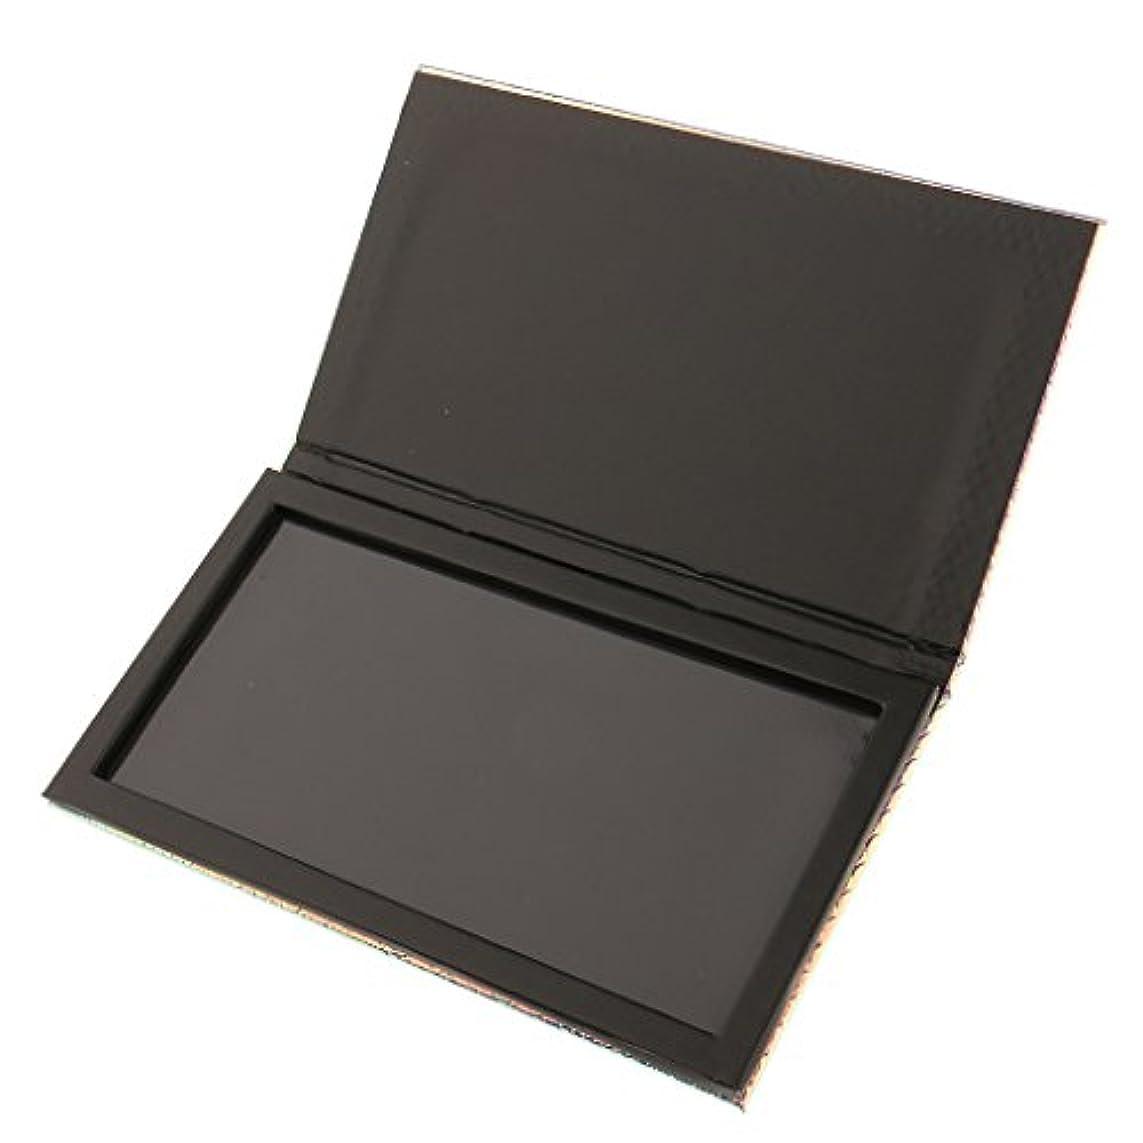 パワー外交ちなみにKesoto 磁気パレットボックス 空の磁気パレット 化粧品ケース メイクアップ コスメ 収納 ボックス 旅行 出張 化粧品DIY 全2サイズ選べ - 18x10cm